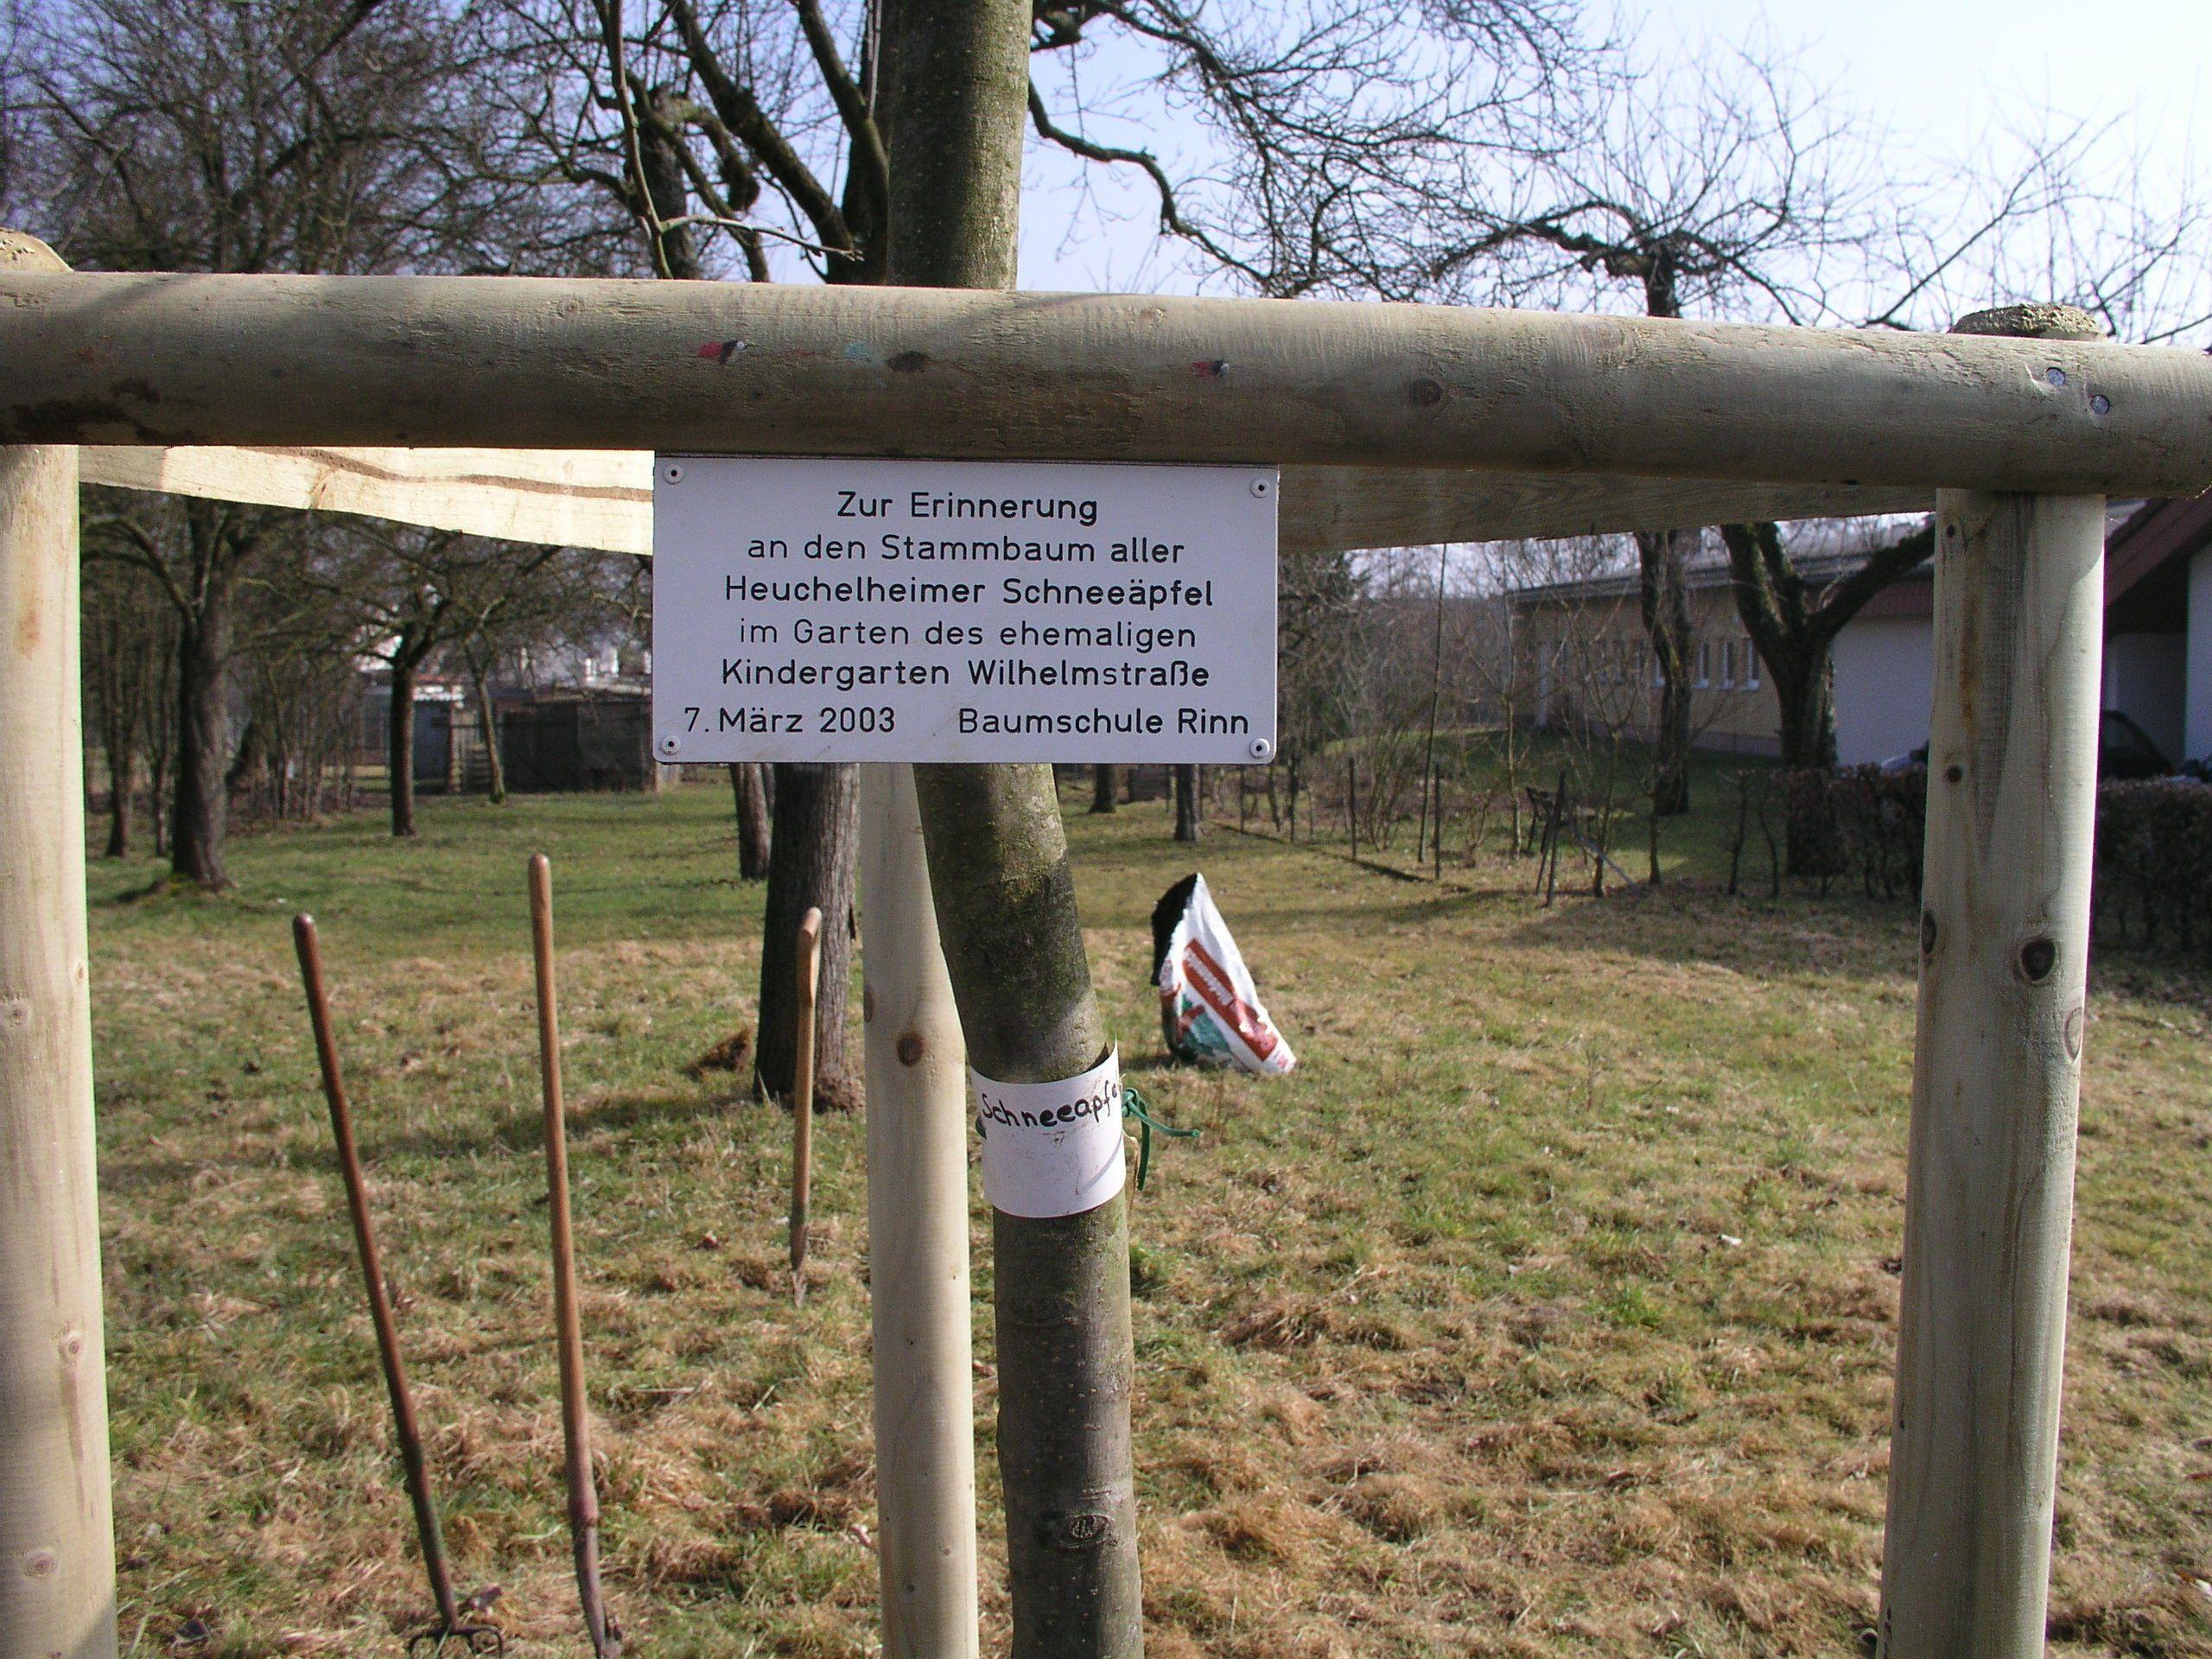 Zur Erinnerung an den Stammbaum aller Heuchelheimer Schneeäpfel im Garten des ehemaligen Kindergarten Wilhelmstraße Heuchelheim